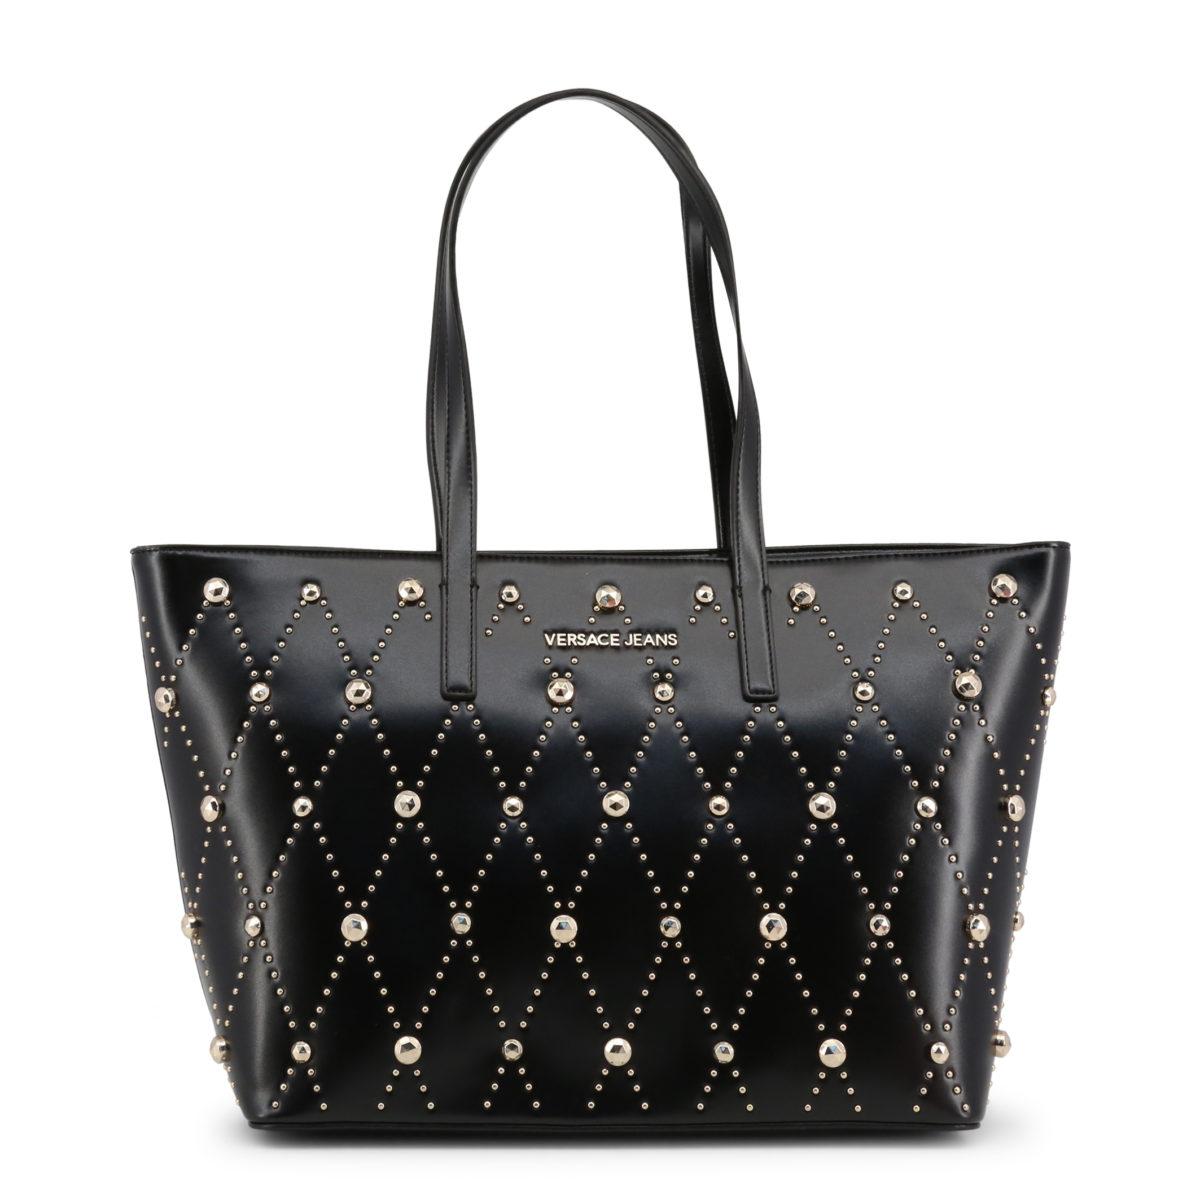 ce6f5a8316 Versace Jeans - sac à main à clous couleur noir | BUZZAO